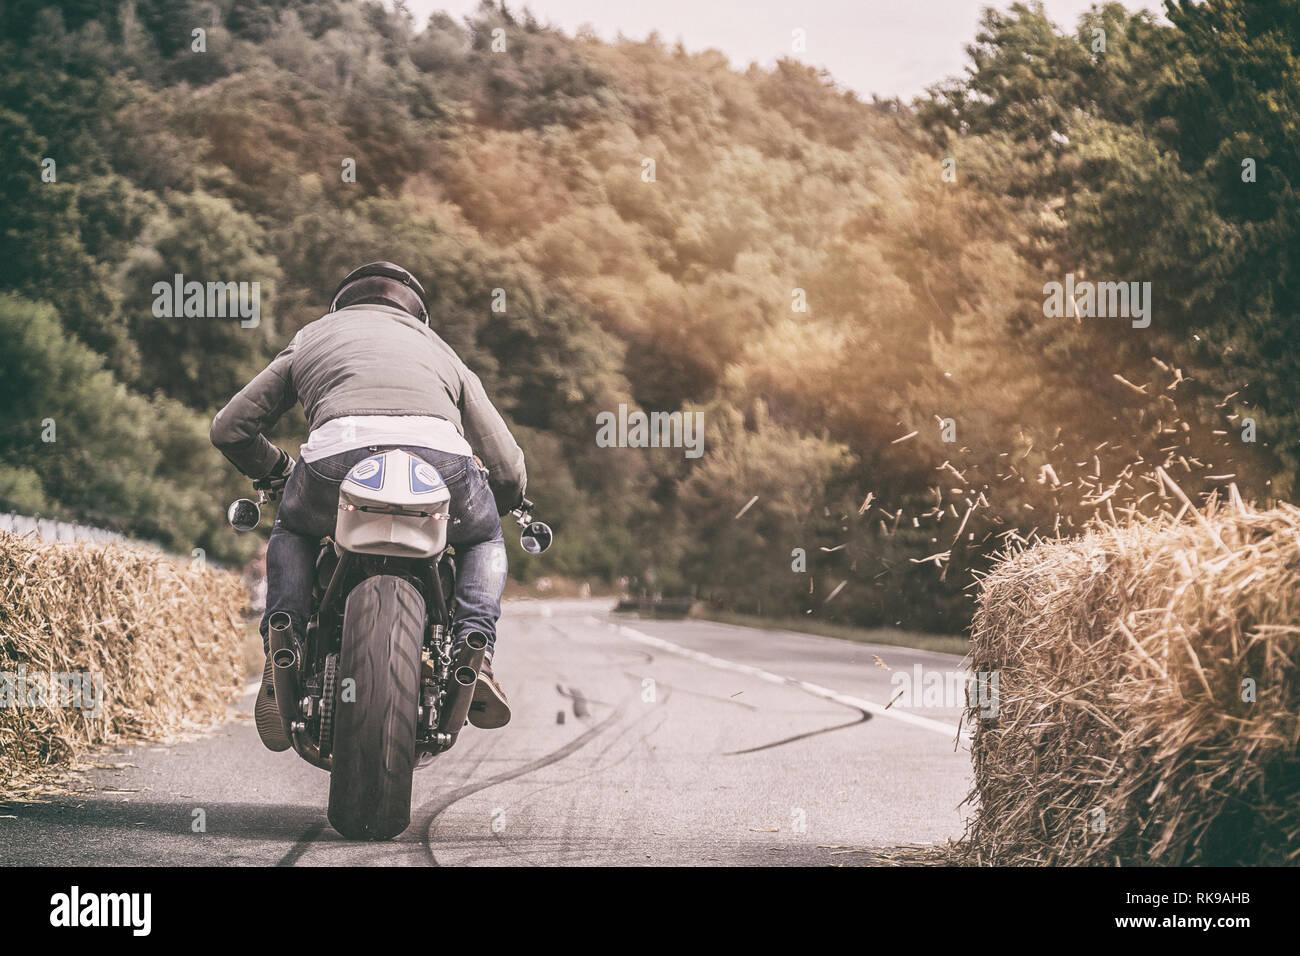 Motociclista accelerando il suo moto su una dritta strada forestale con pezzi di fieno soffiatura di una balla di fieno Immagini Stock